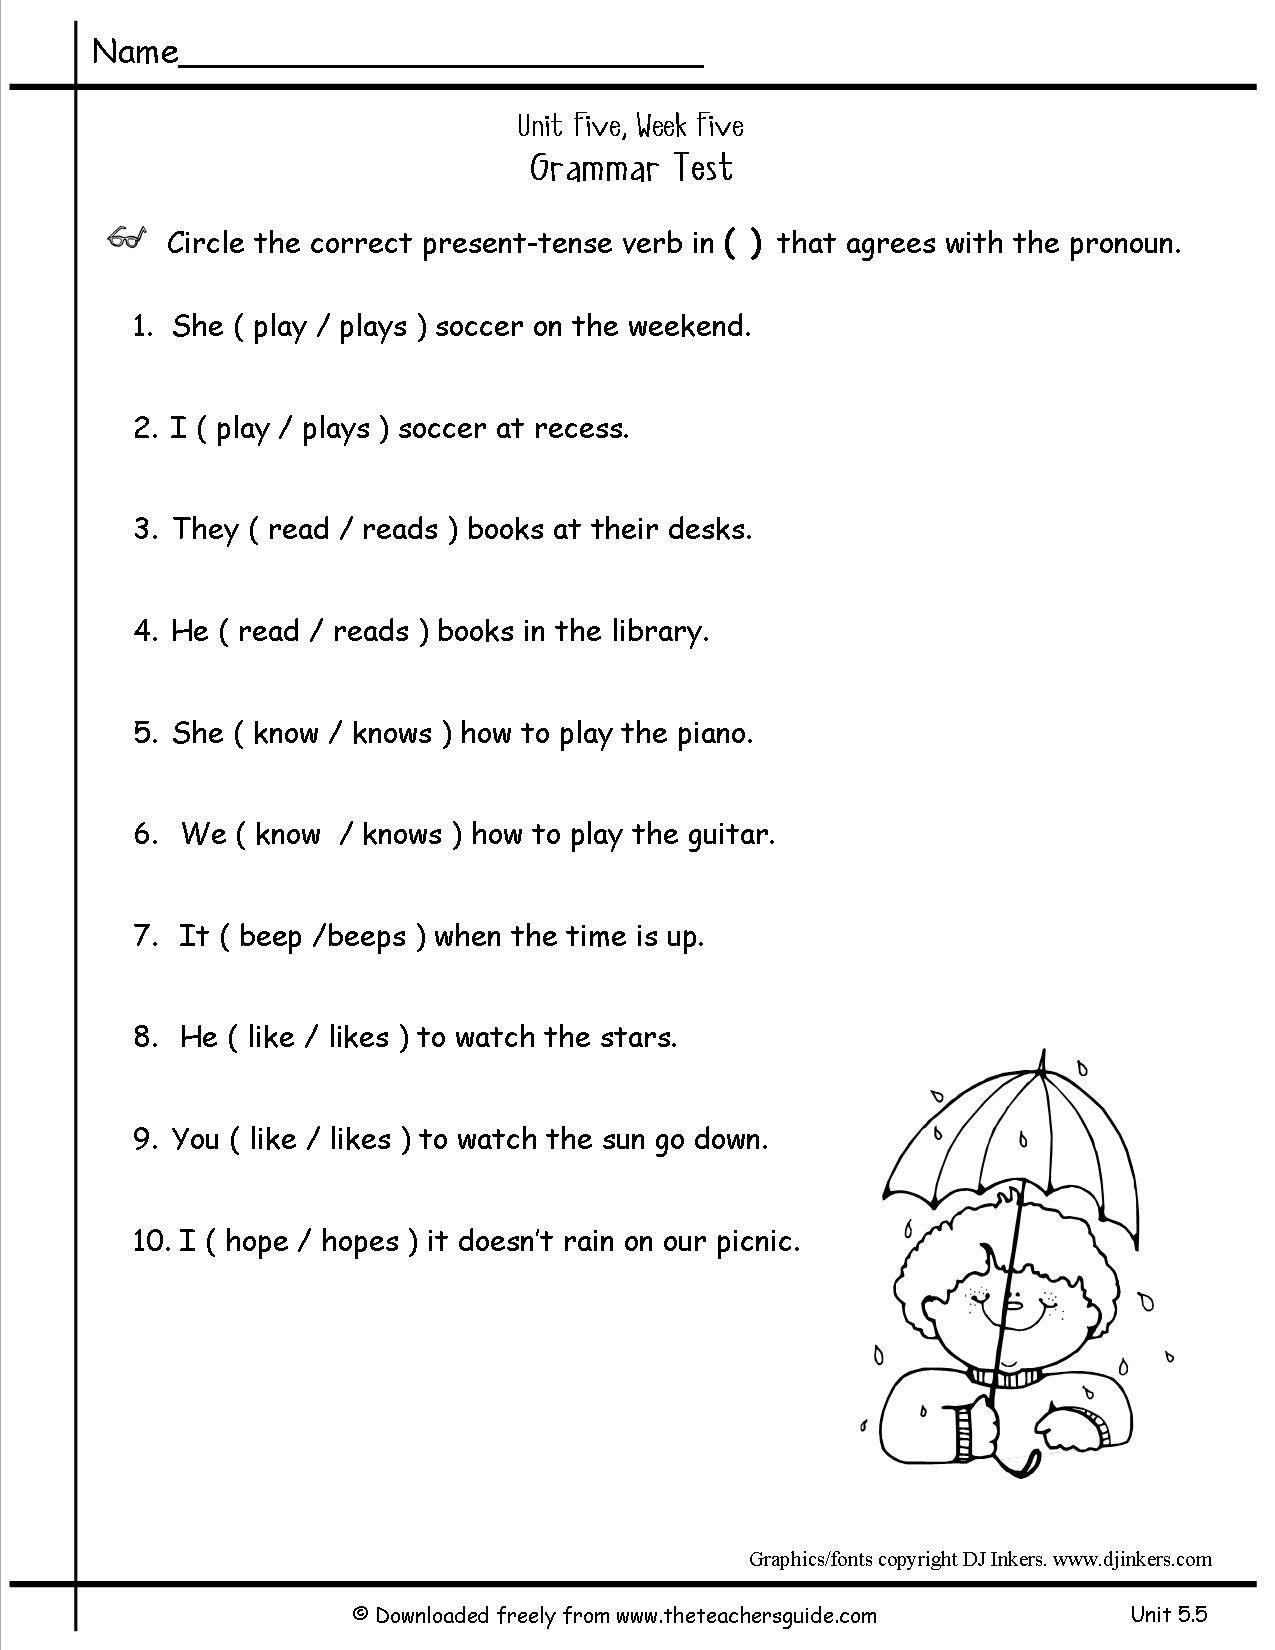 2nd Grade Pronoun Worksheets Free Pronoun Worksheet For 2nd Grade In 2020 Pronoun Worksheets Multiple Meaning Words Worksheet Multiple Meaning Words